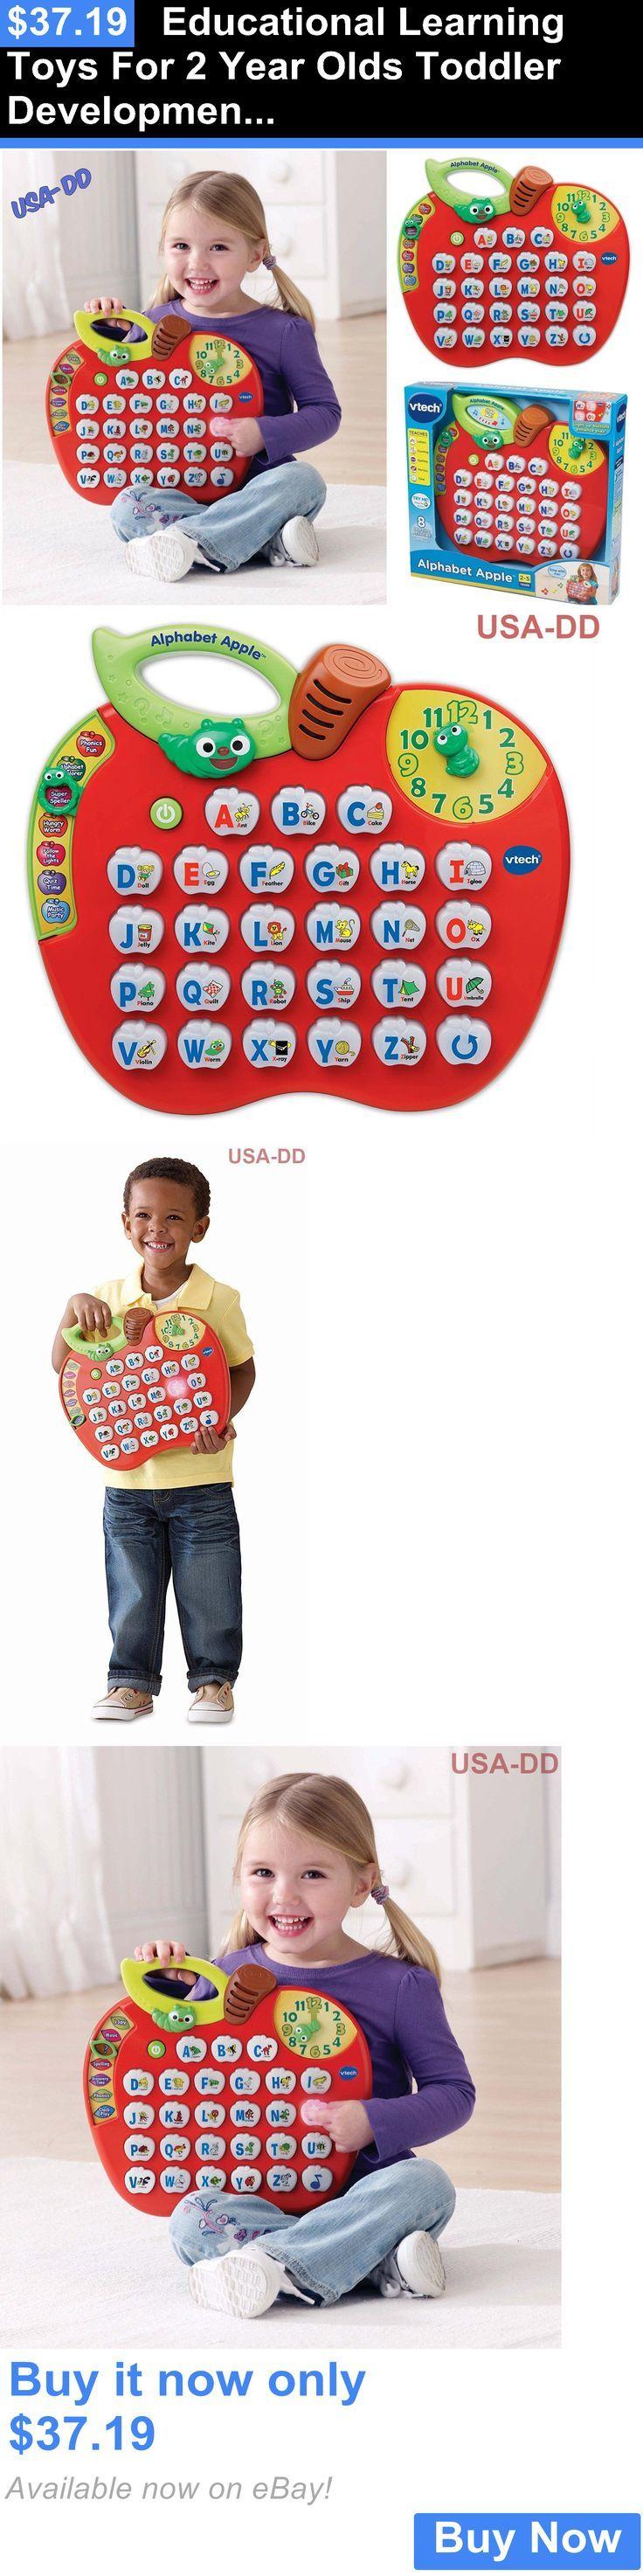 1592 best Toys For Boys & Girls images on Pinterest